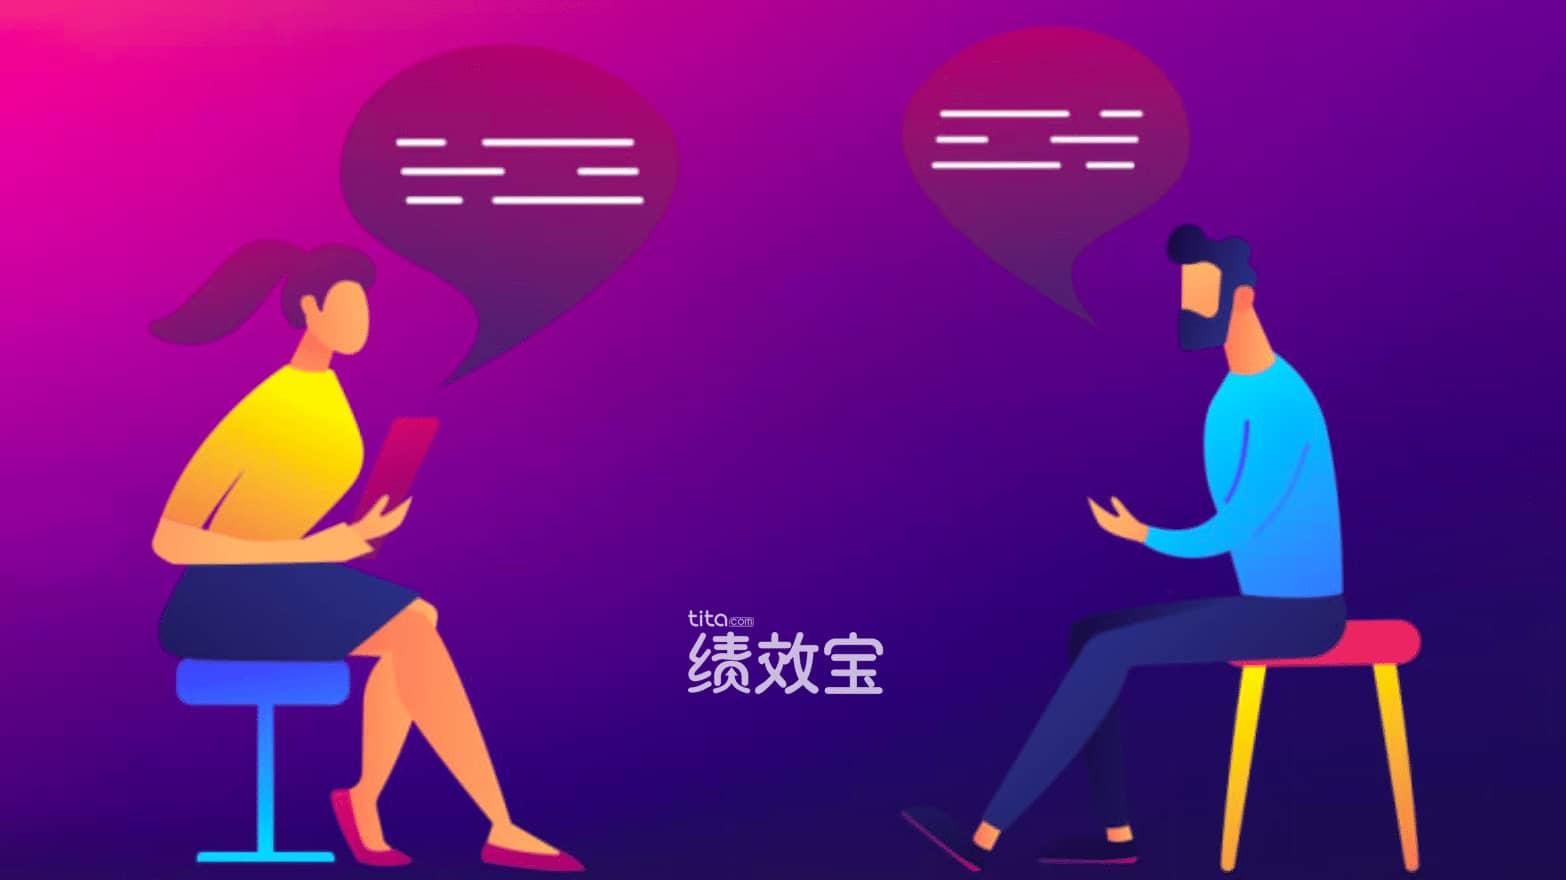 Tita绩效宝:承诺和专业精神 【绩效反馈案例】